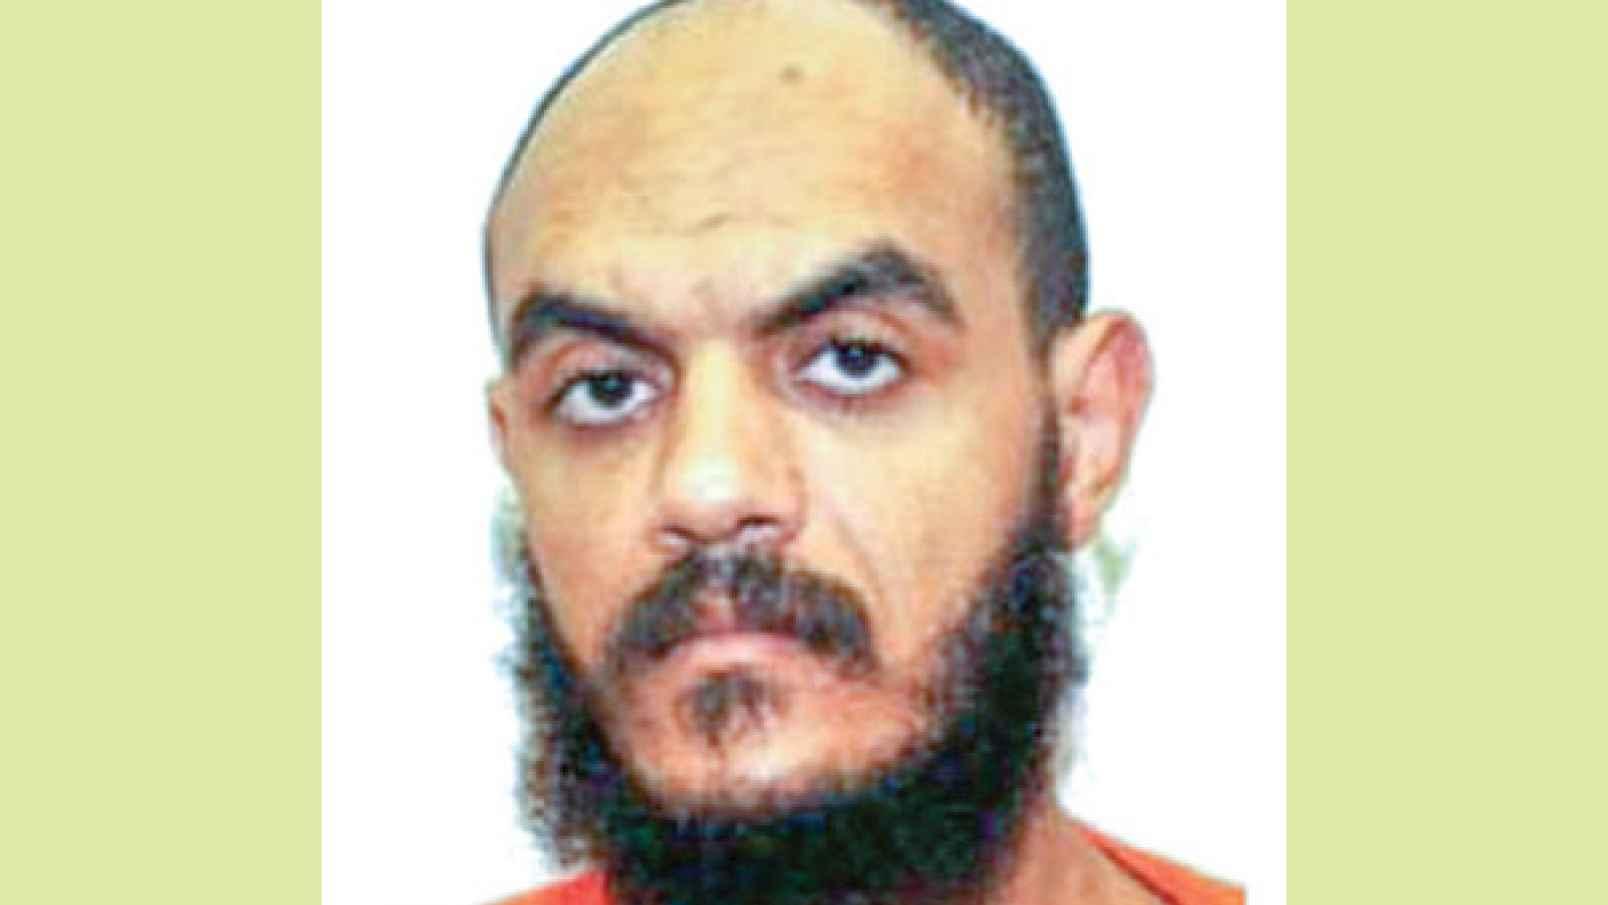 9-11 Hijacker Terrorist